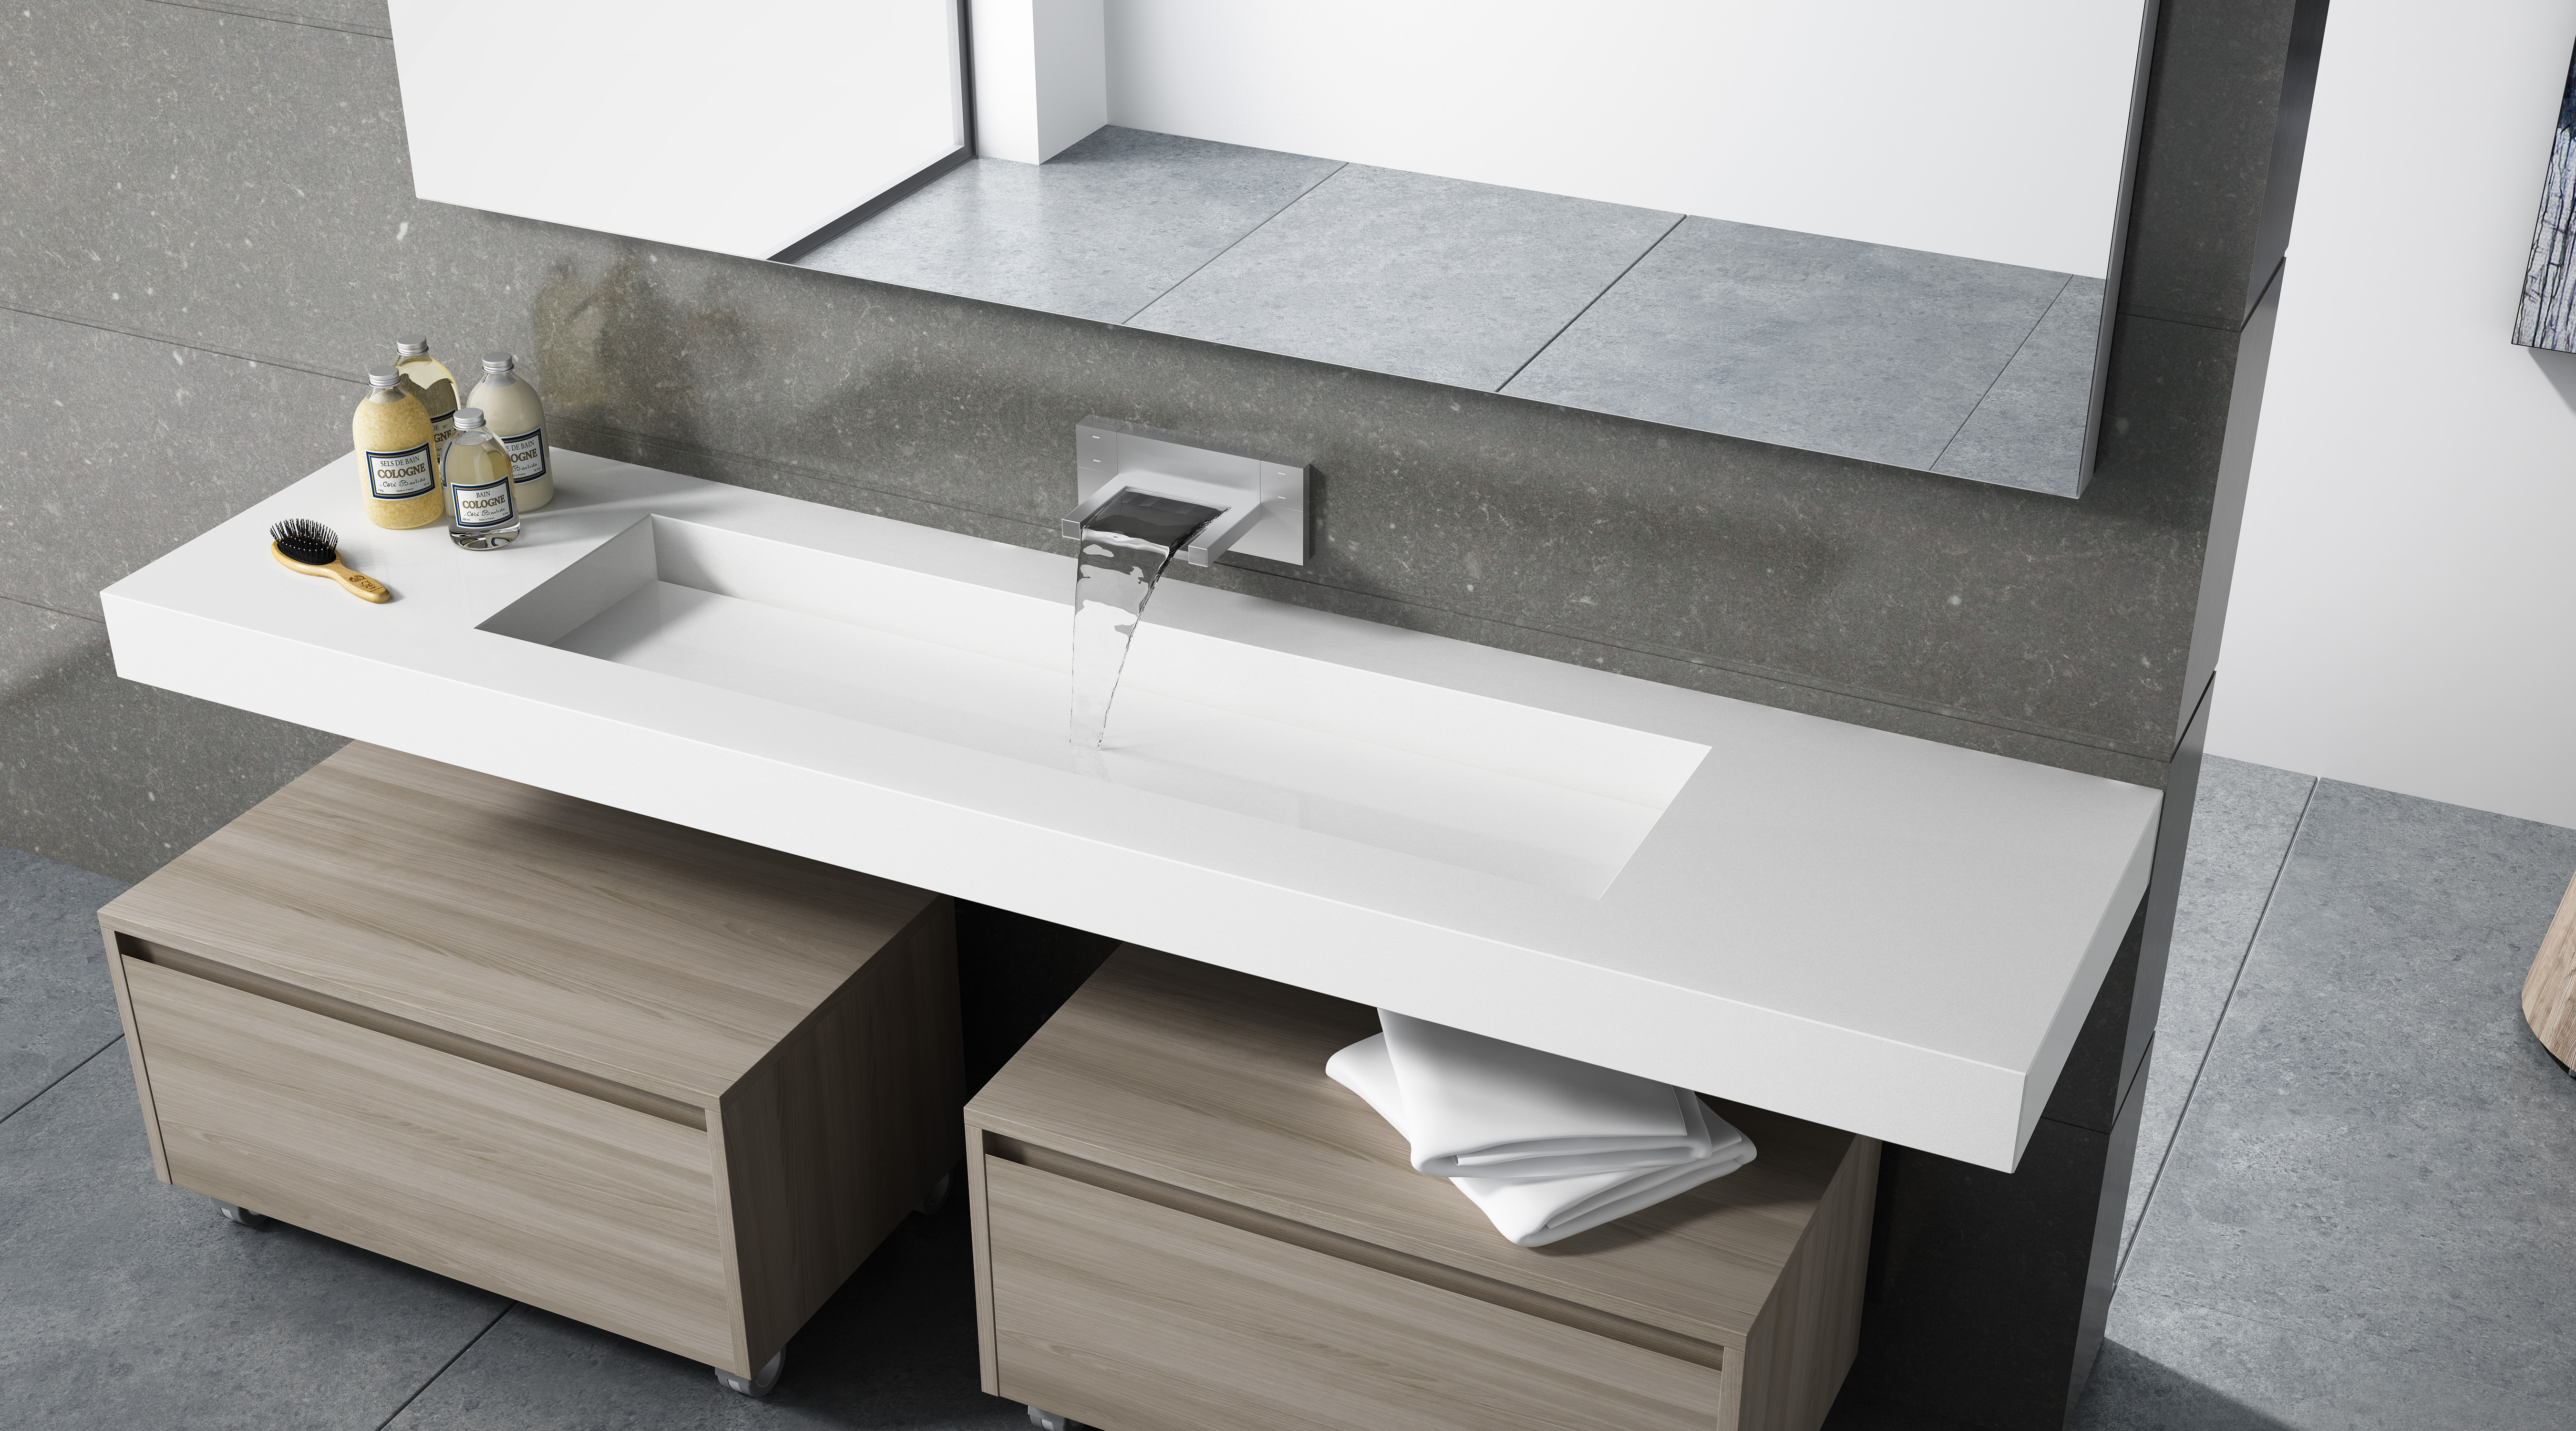 cosentino brasil cosentino amplia sua cole o exclusiva de banho com os novos lavat rios. Black Bedroom Furniture Sets. Home Design Ideas